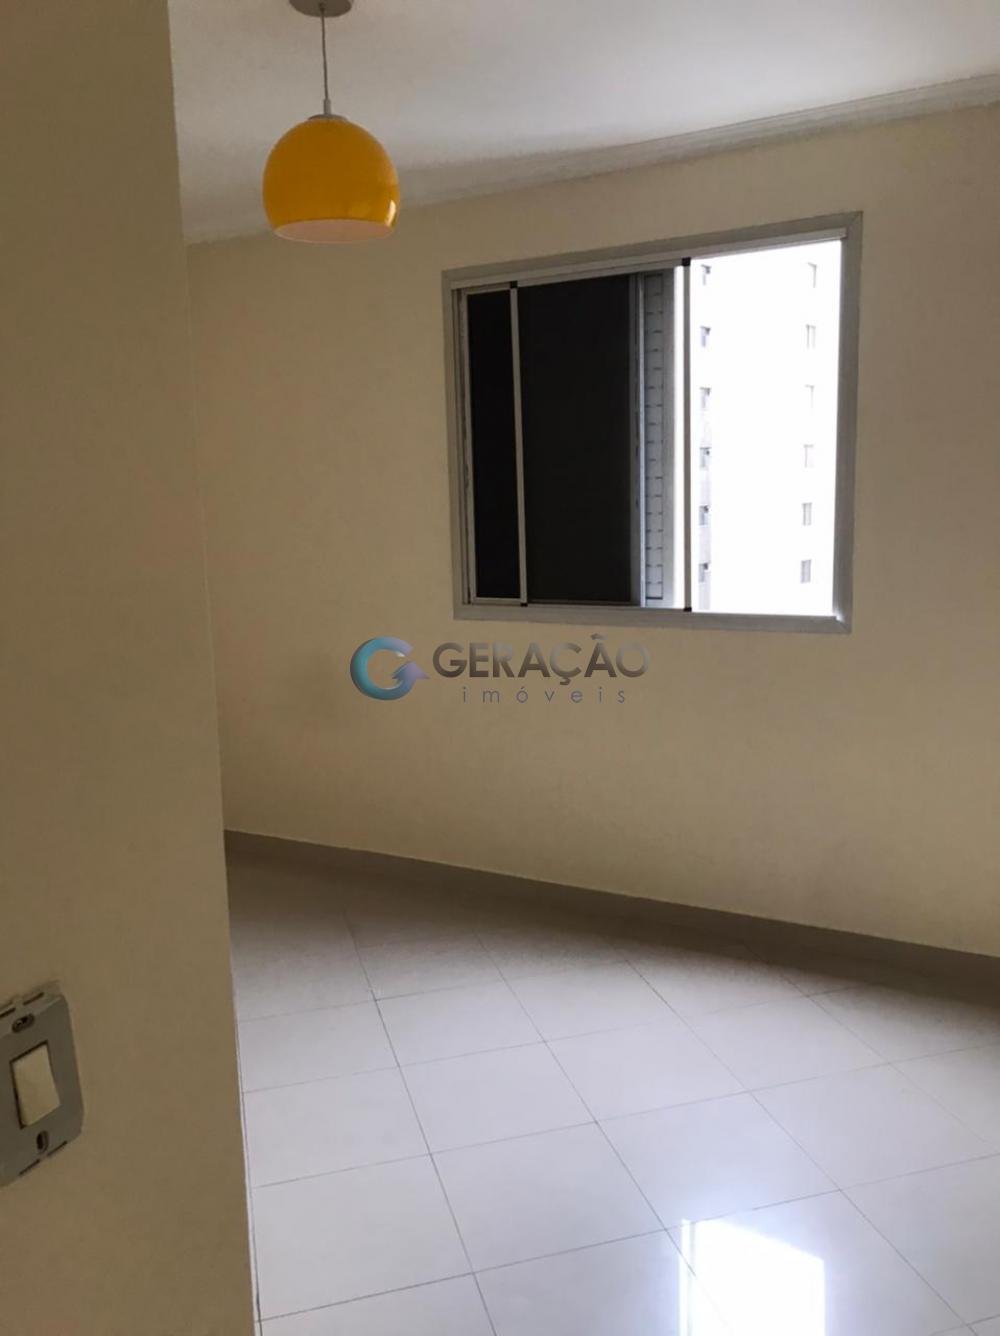 Comprar Apartamento / Padrão em São José dos Campos R$ 277.000,00 - Foto 10